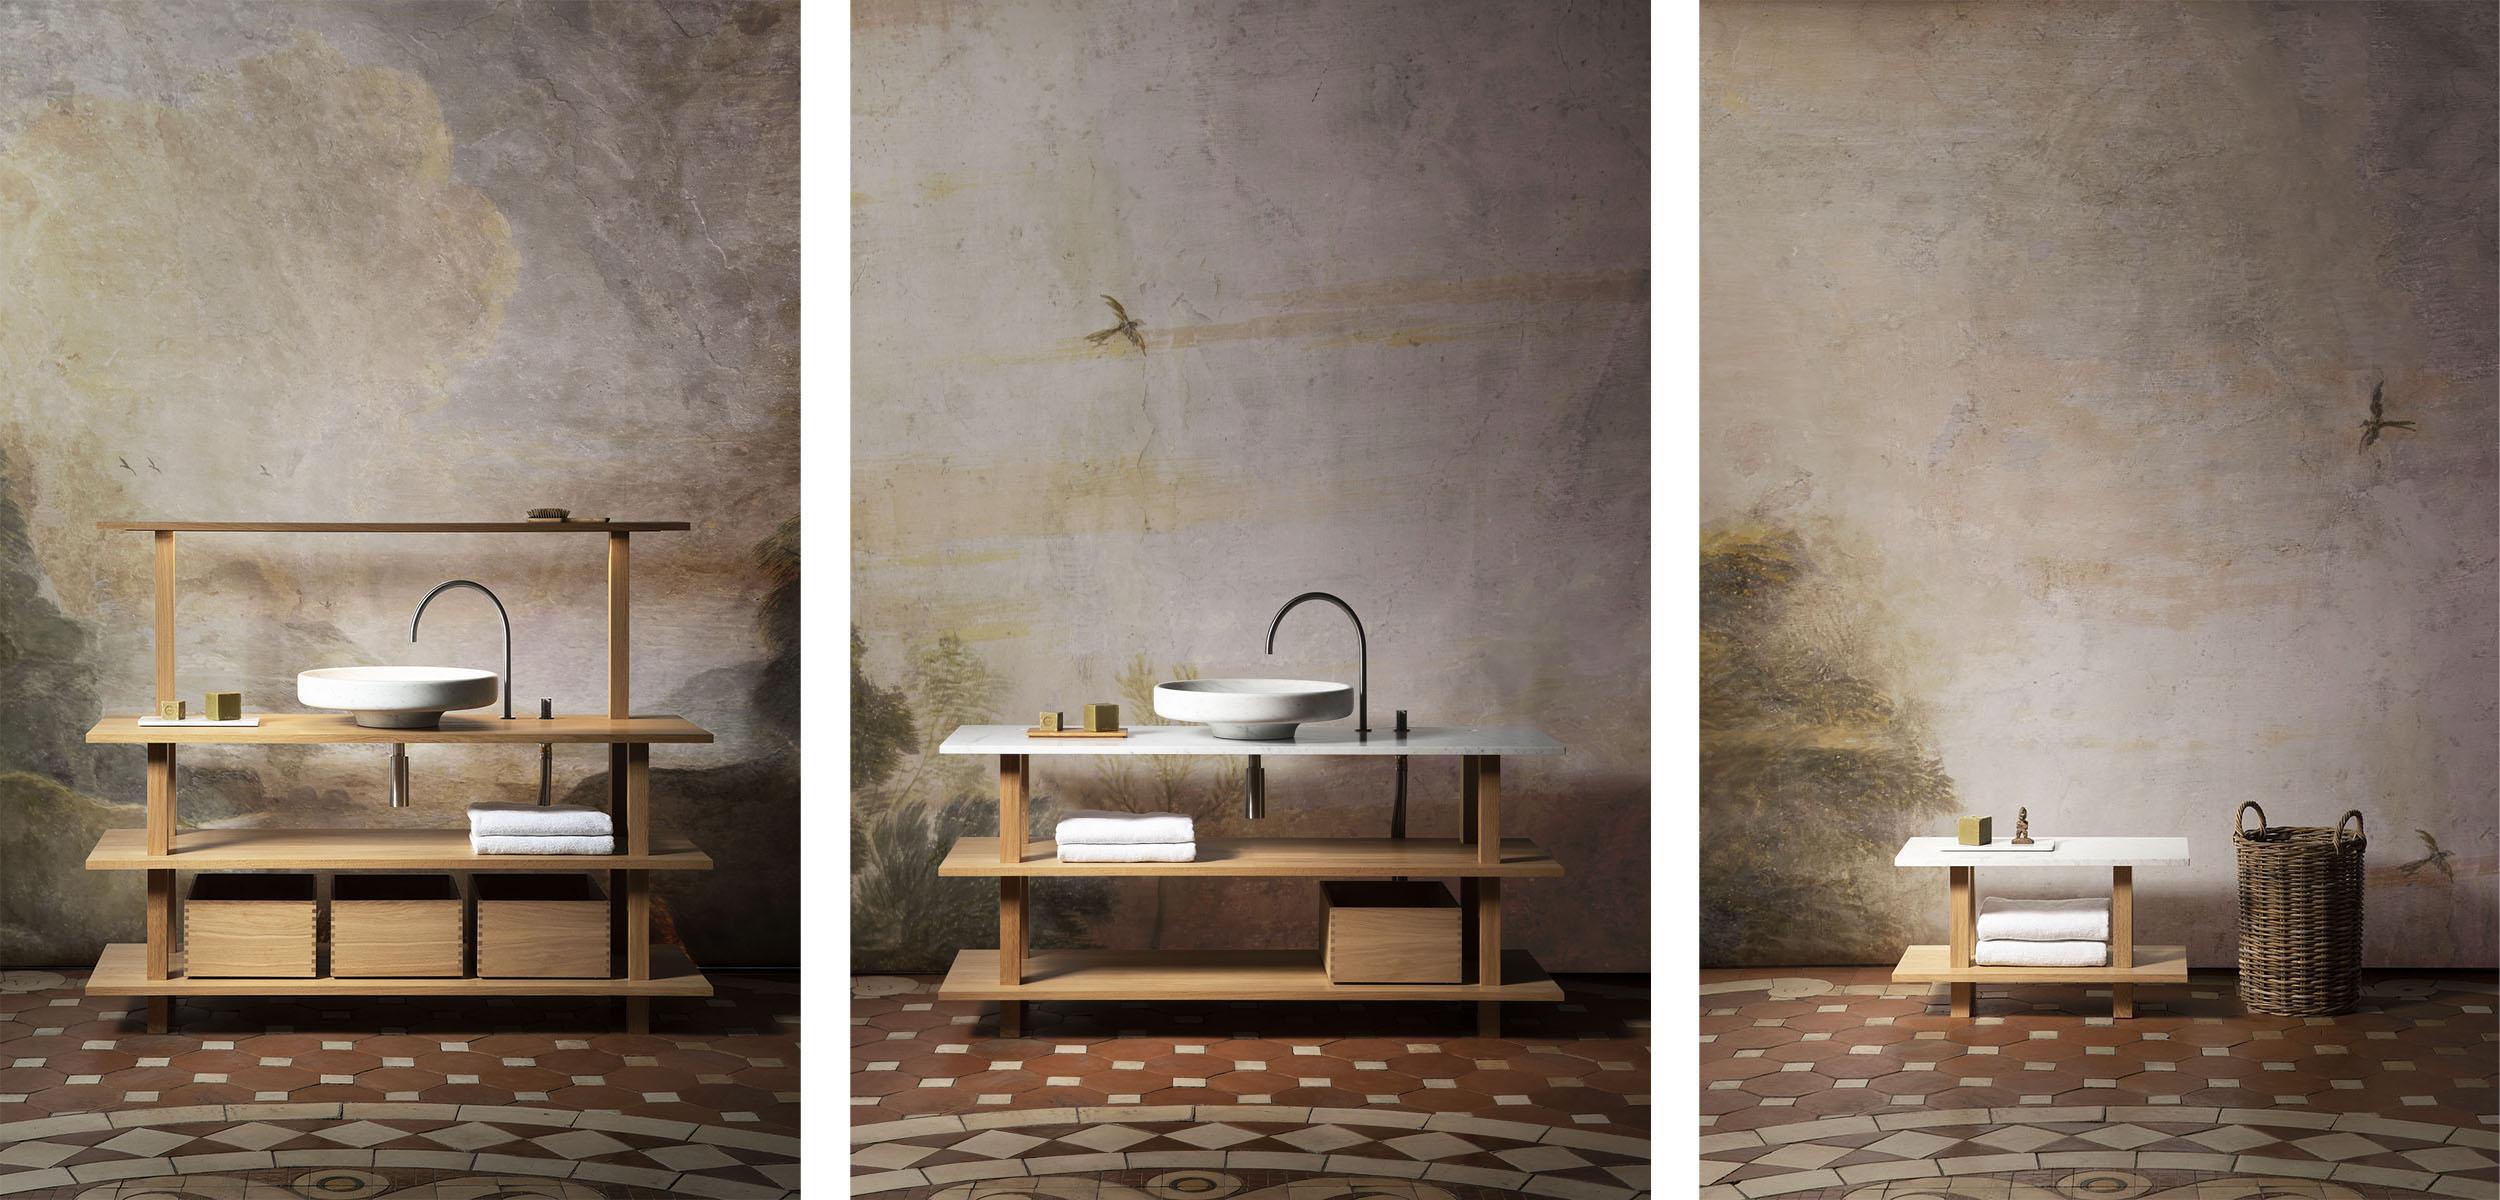 Configurations de meubles de salle de bain ouverts en chêne massif huilé avec top bois ou marbre, portiques éclairants, lavabos en marbre blanc de carrare et boites coulissantes de rangement